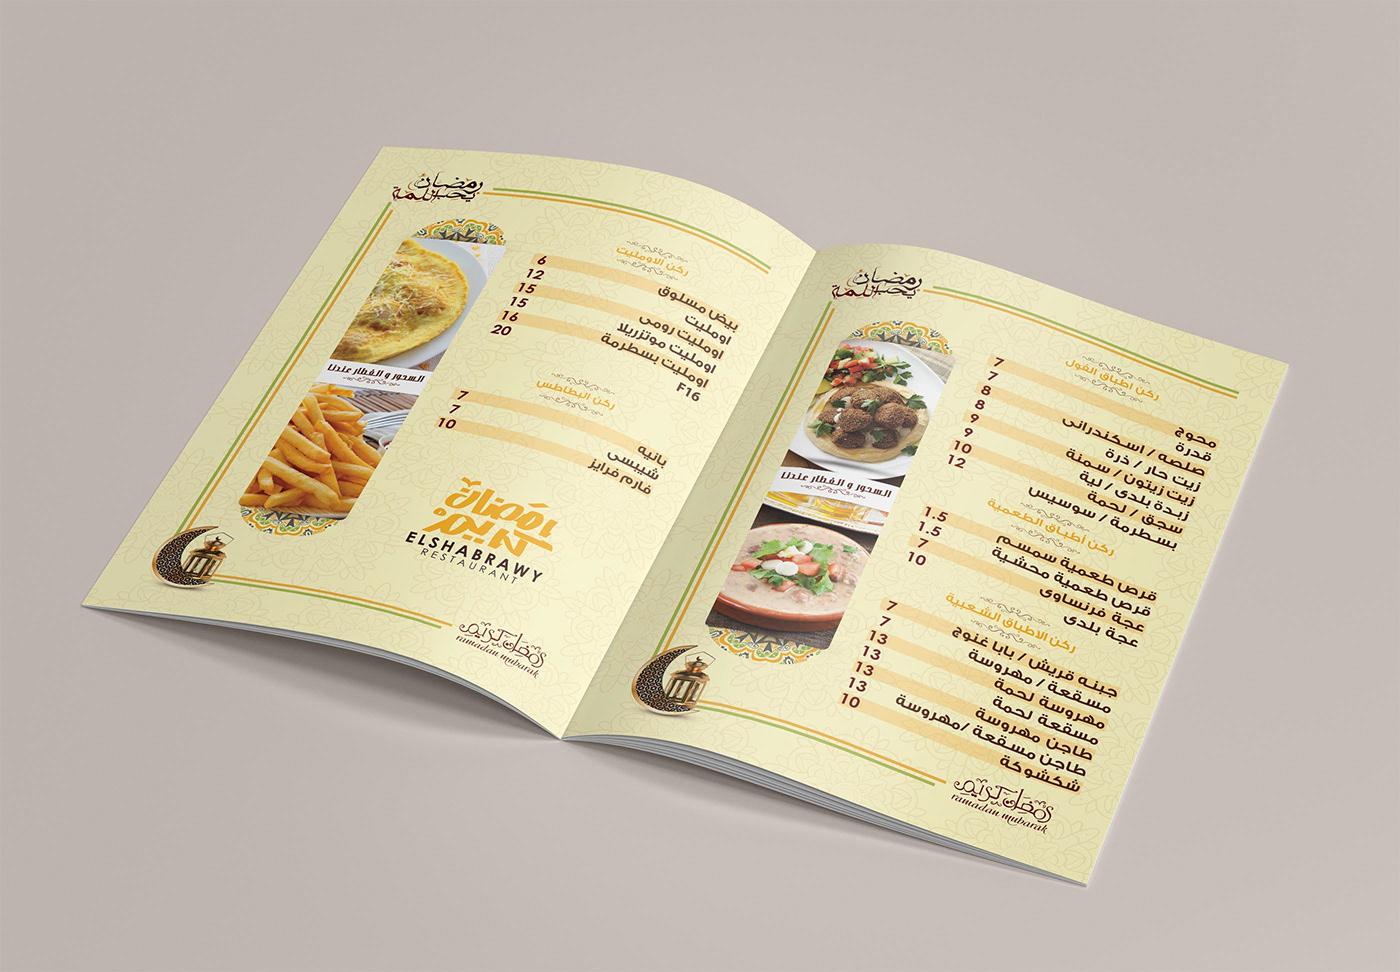 Image may contain: menu and book